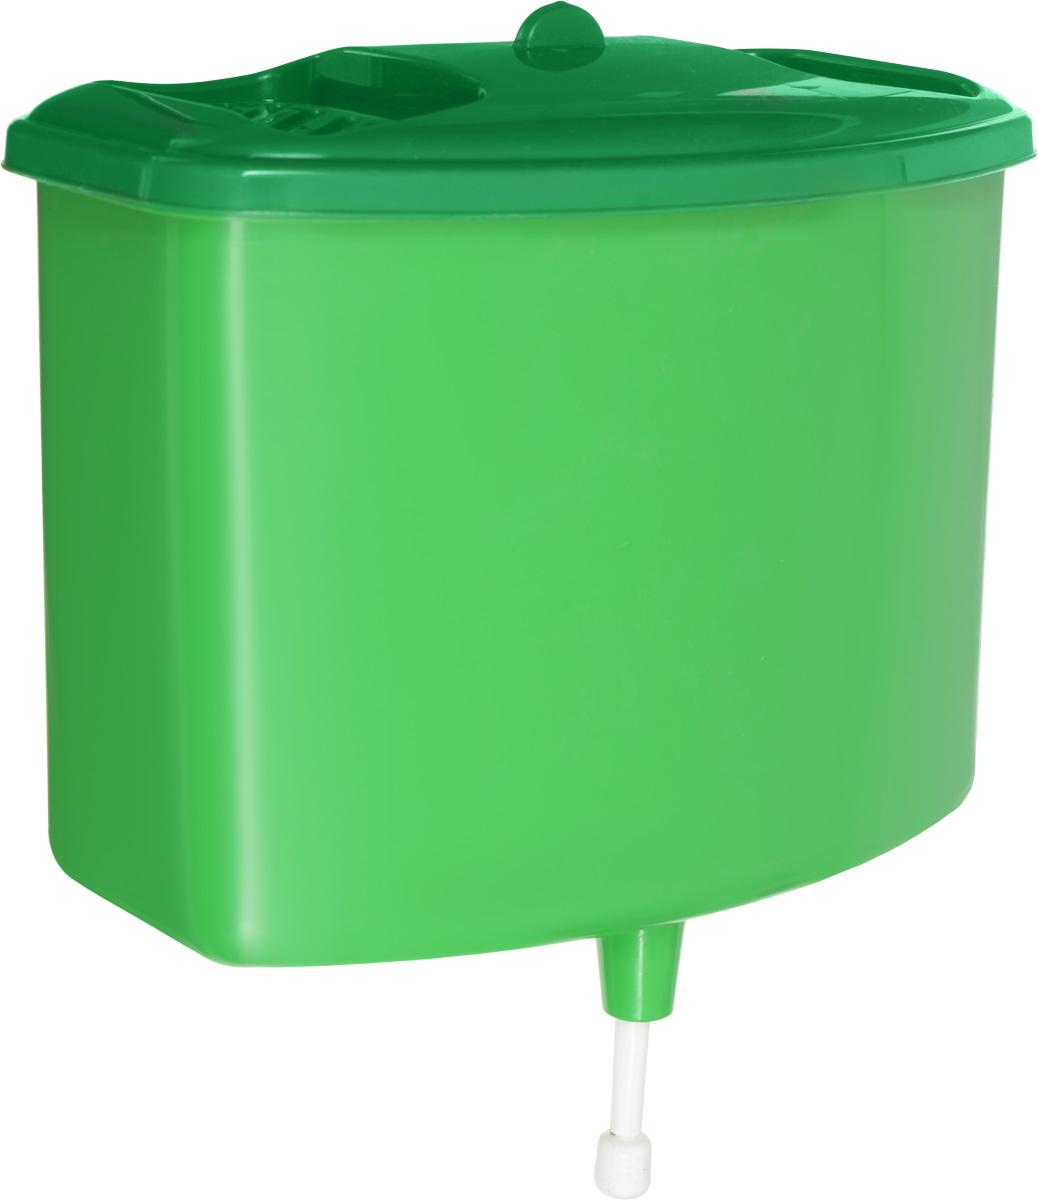 Рукомойник Альтернатива, цвет: зеленый, 5 лM367Рукомойник Альтернатива изготовлен из пластика. Он предназначен для умывания в саду или на даче. Яркий и красочный, он отлично впишется в окружающую обстановку. Петли предоставляют вертикальное крепление рукомойника. Рукомойник оснащен крышкой, которая предотвращает попадание мусора. Также на крышке имеет две выемки для мыла. Рукомойник Альтернатива надежный и удобный в использовании. Размер рукомойника: 26,5 см х 15 см. Высота (без учета крышки): 23 см.